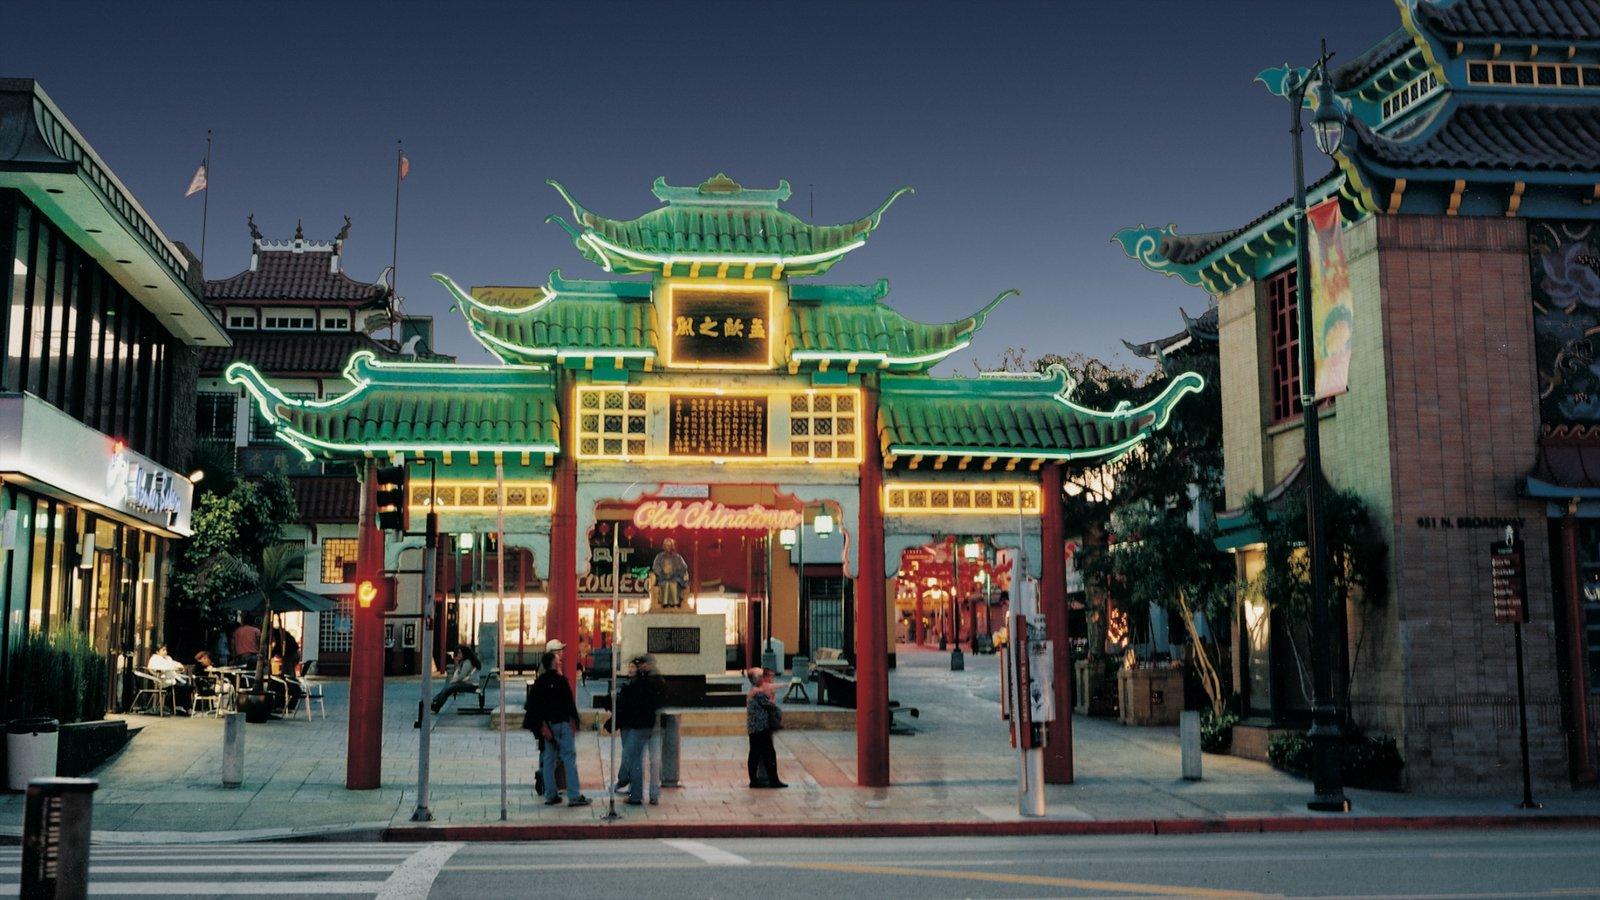 Centro de Los Ángeles mostrando escenas urbanas, una ciudad y un templo o lugar de culto